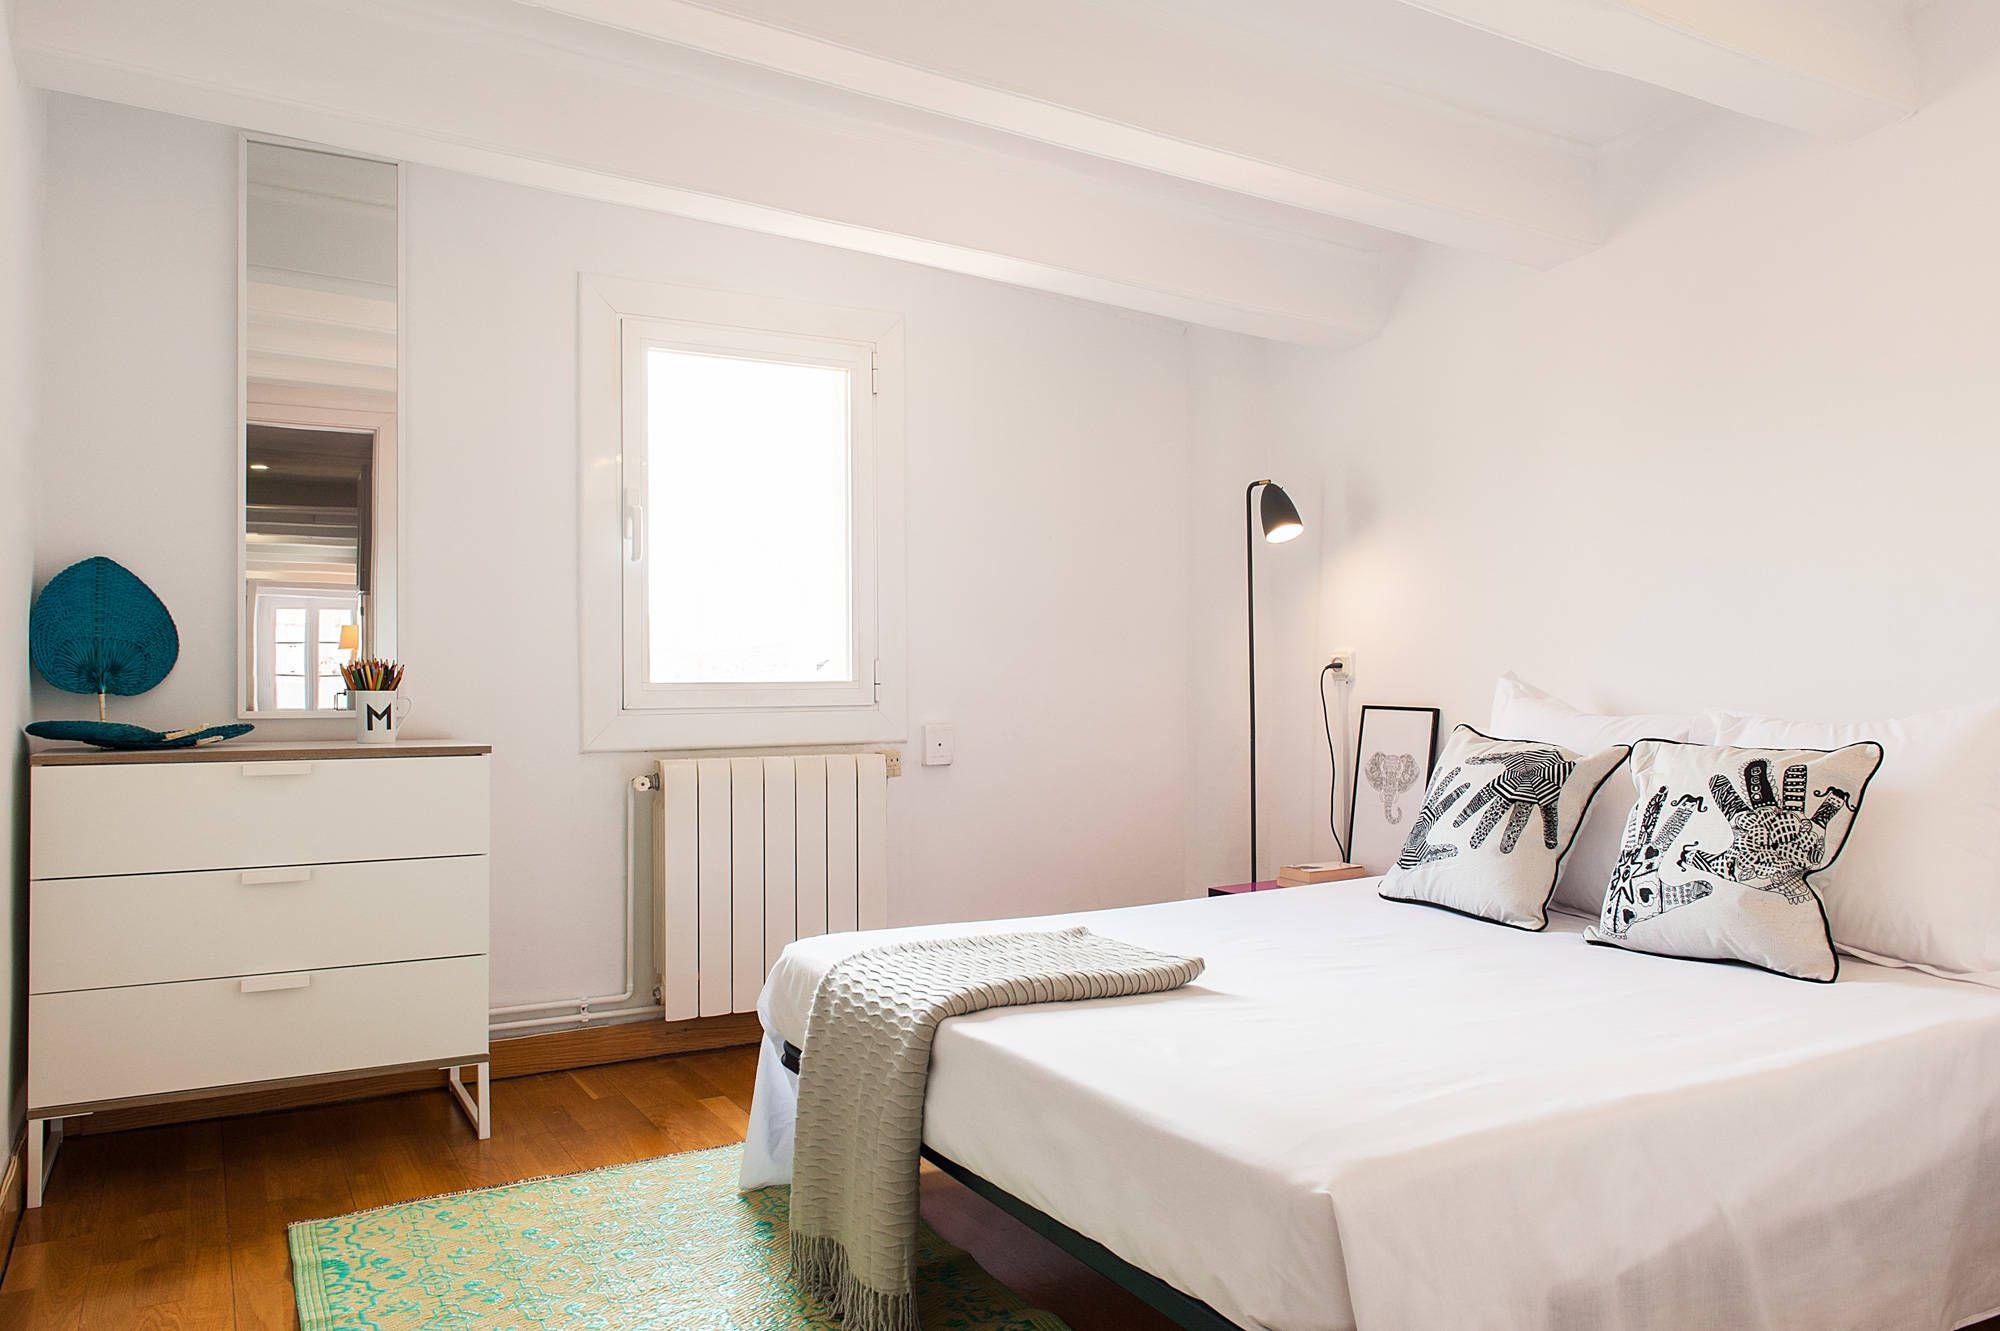 Dormitorio En Blanco Para Invitados Dormitorios De Estilo  # Muebles Modernos Diga Center